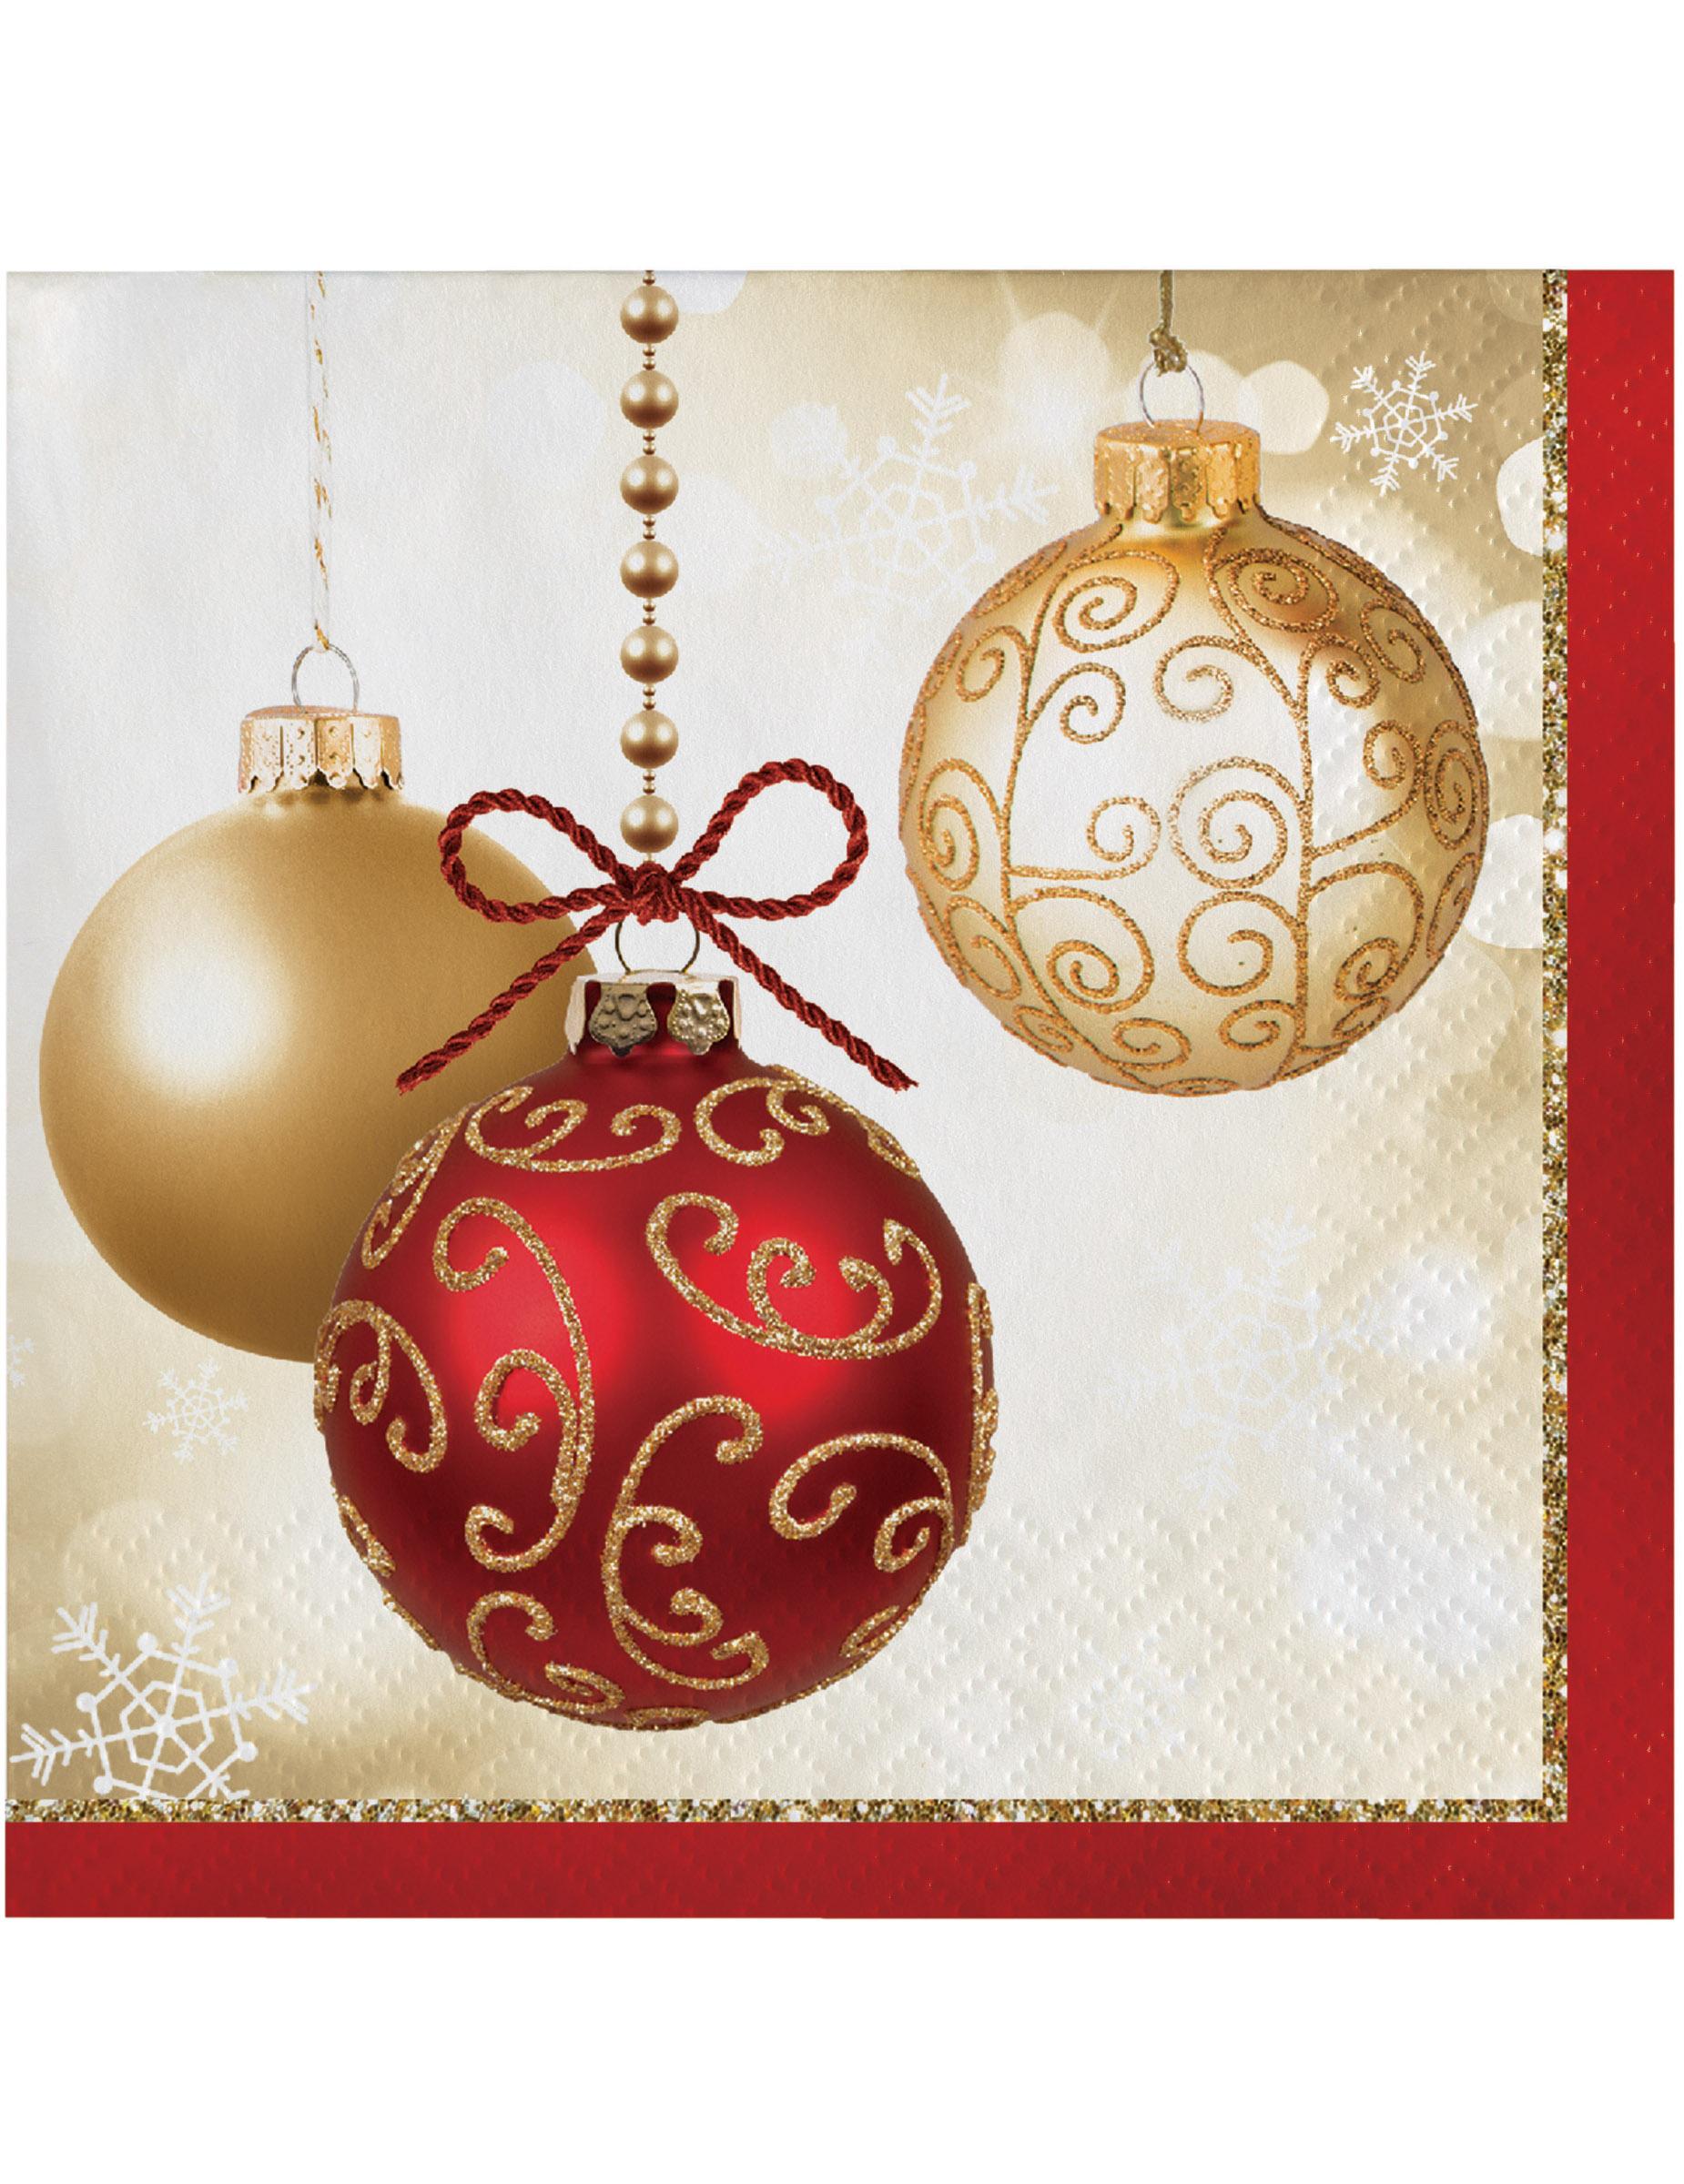 Immagini Natale Oro.16 Tovagliolini Di Carta Palline Di Natale Oro E Rosse Su Vegaooparty Negozio Di Articoli Per Feste